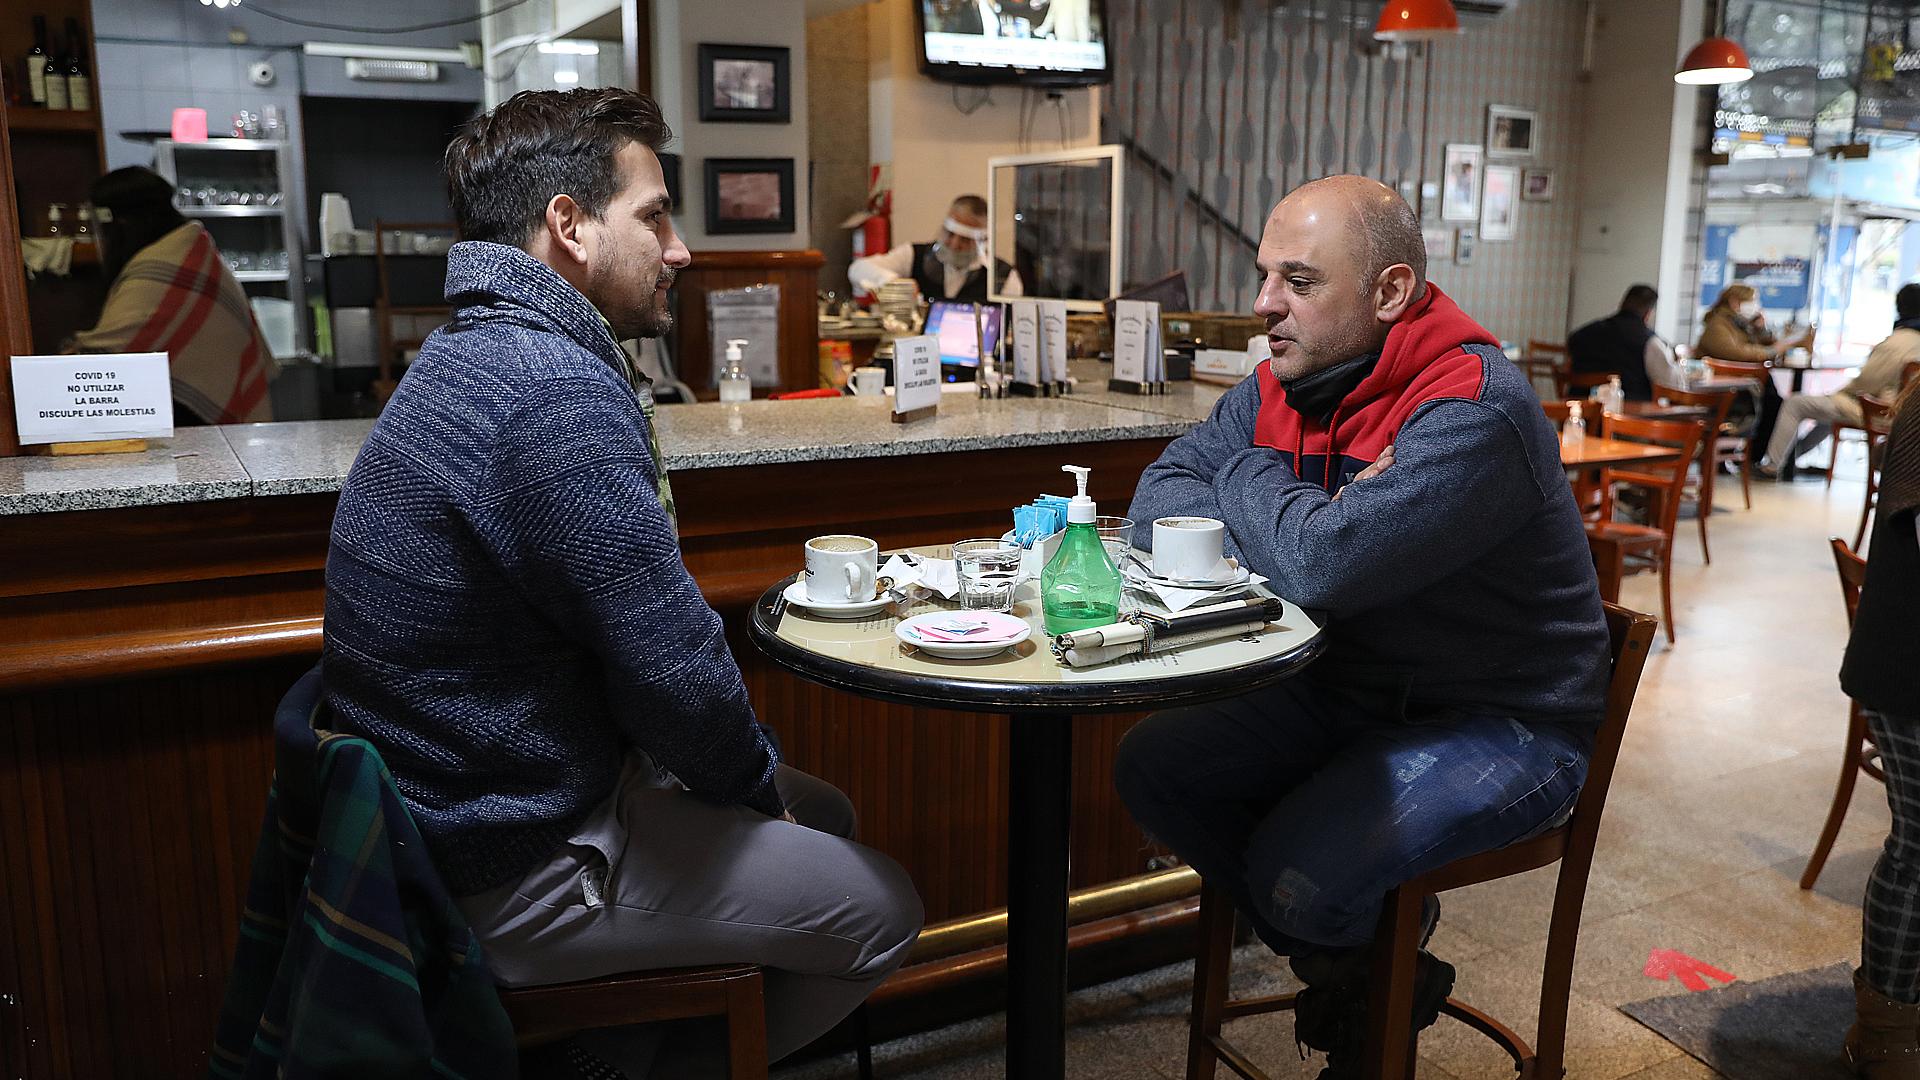 A los sobres de azúcar y servilleteros se suma el alcohol en gel: el nuevo infaltable en las mesas de todos los bares y restaurantes